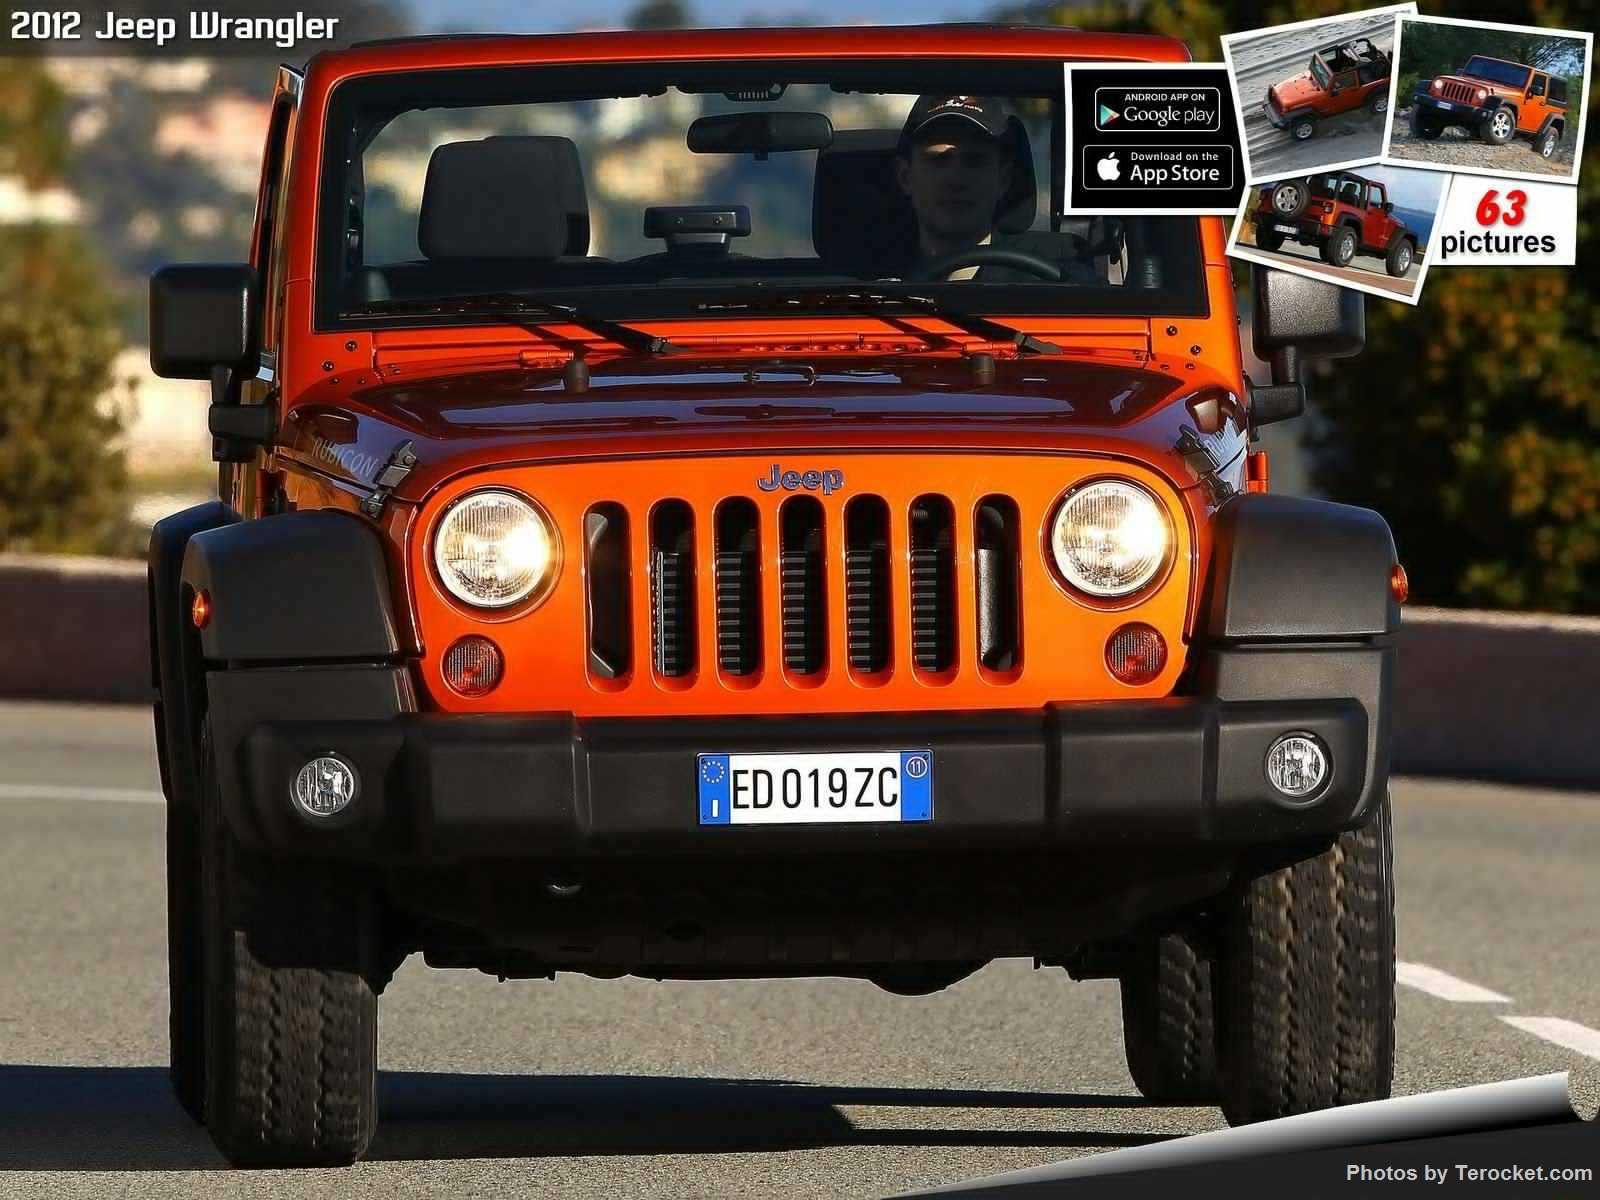 Hình ảnh xe ô tô Jeep Wrangler 2012 & nội ngoại thất